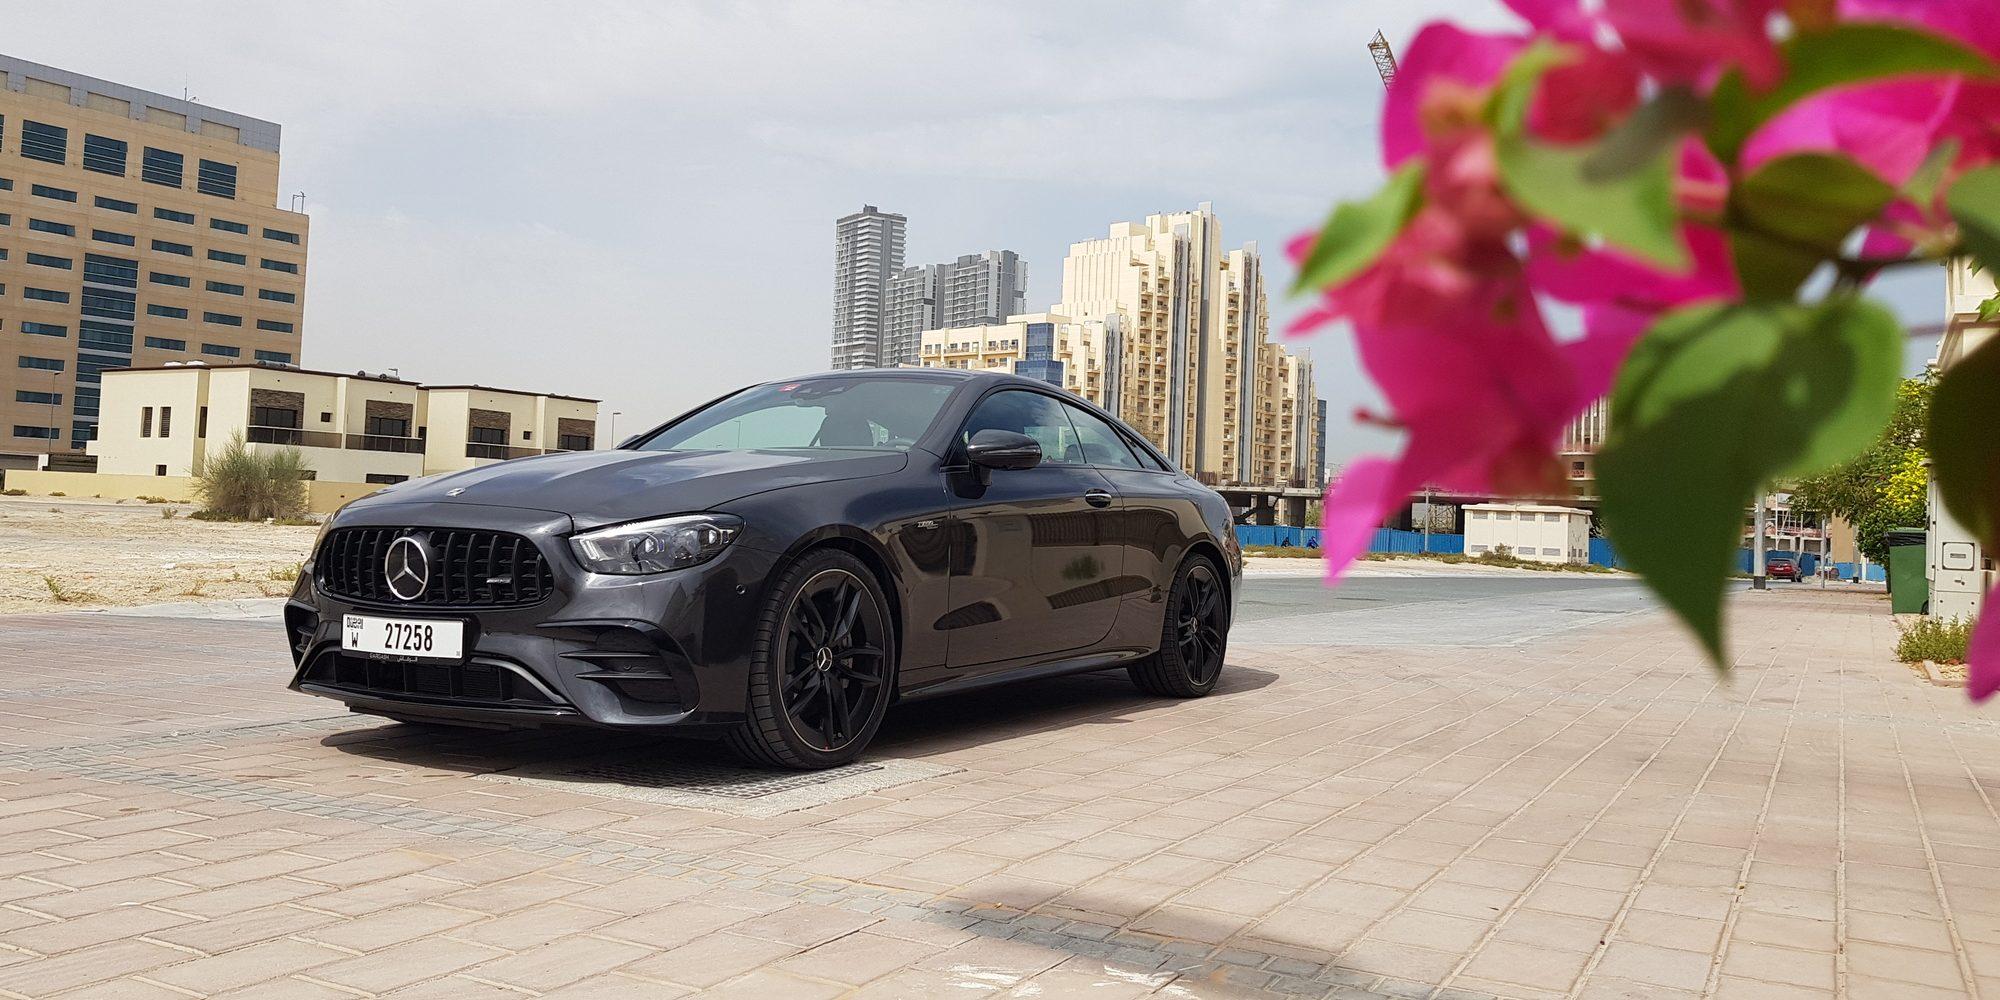 سيارة مرسيدس أي أم جي E53 لعام 2021 الكوبيه